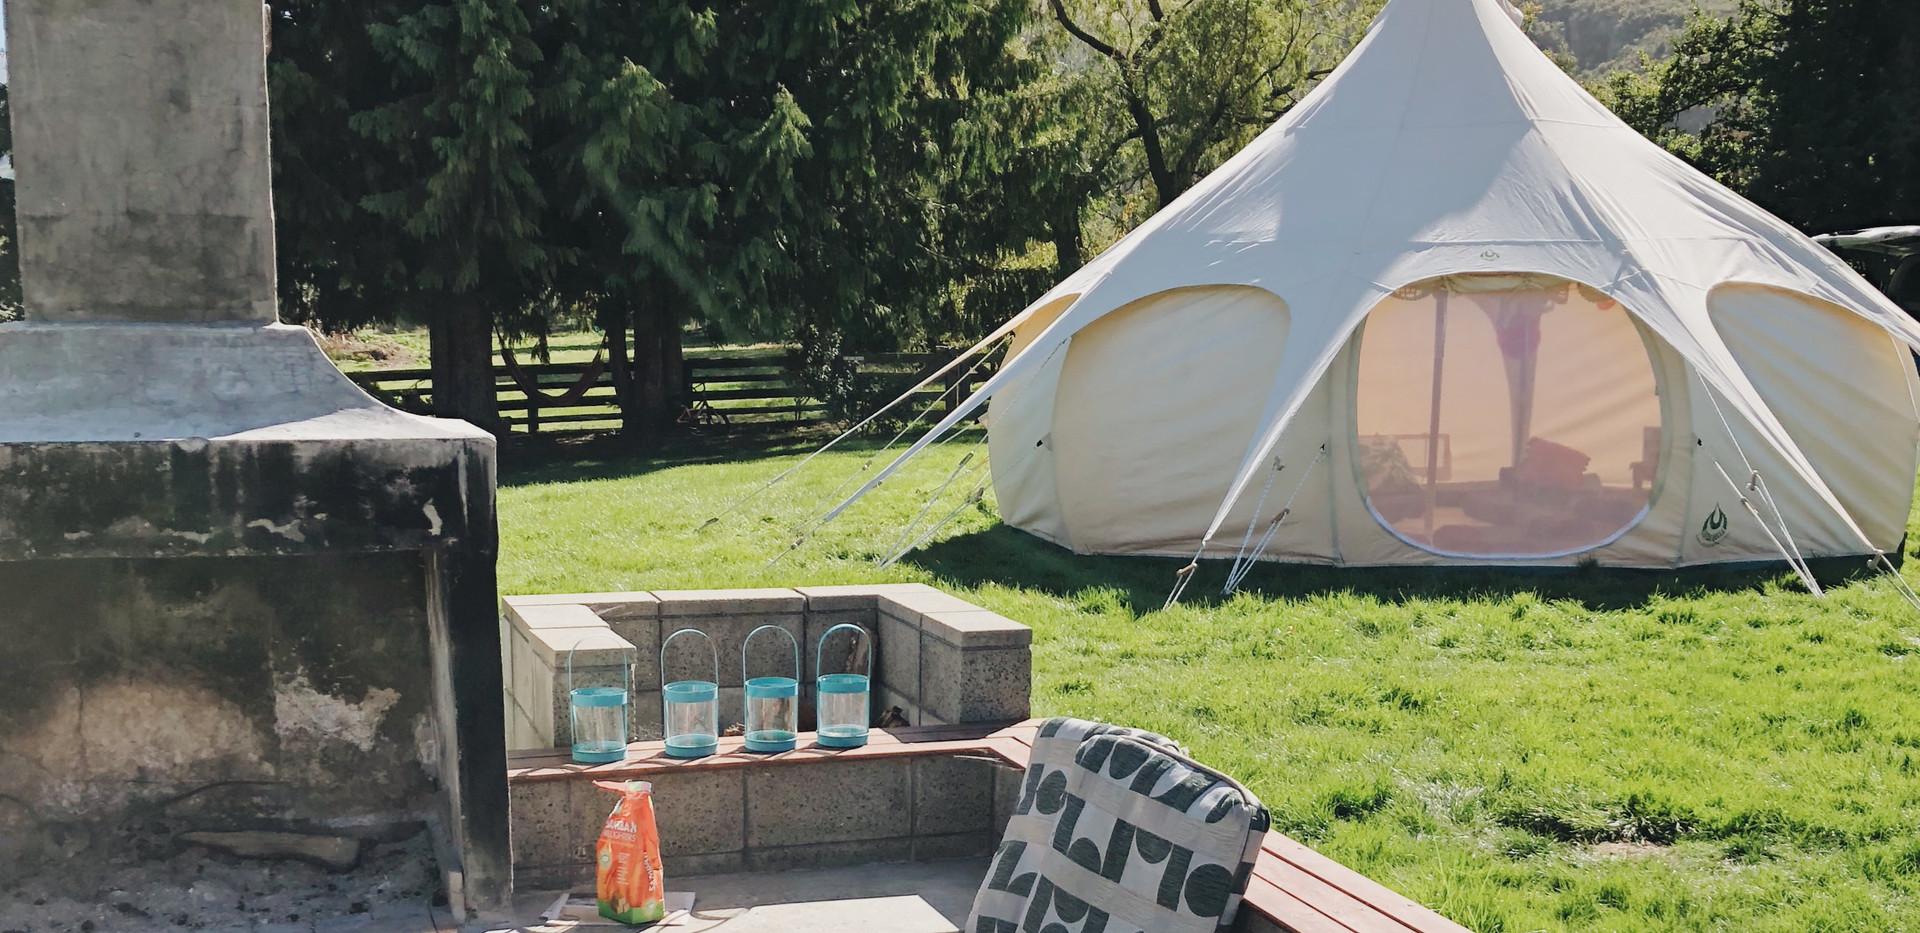 Outdoor Sleepover Tent